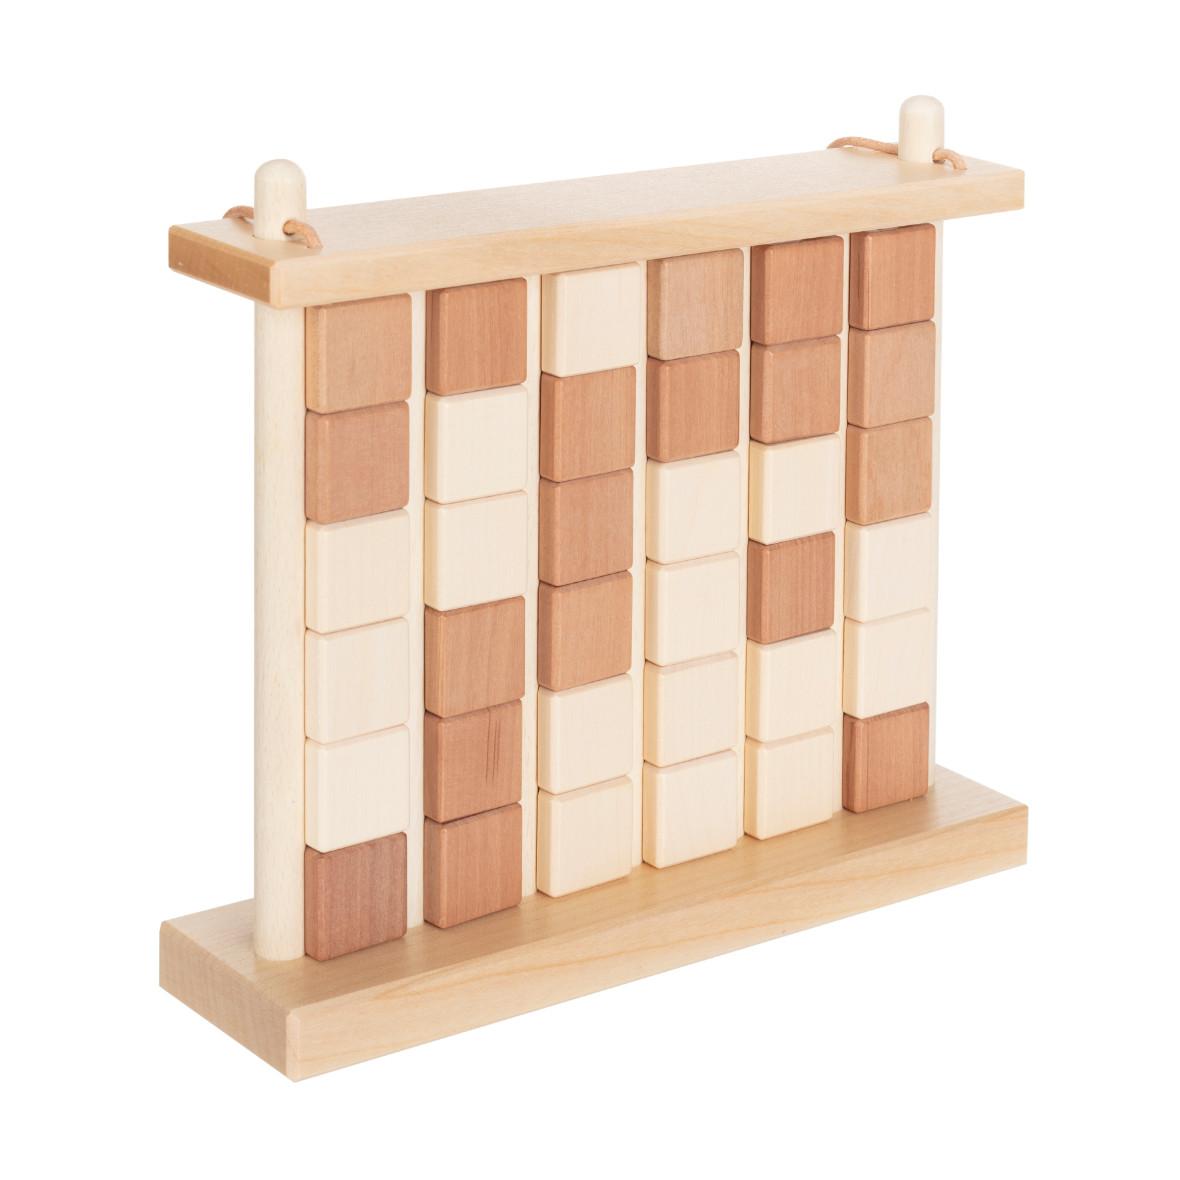 Vier-Gewinnt aus Holz von Ahorn Holz und Spiel, braun und verschlossen